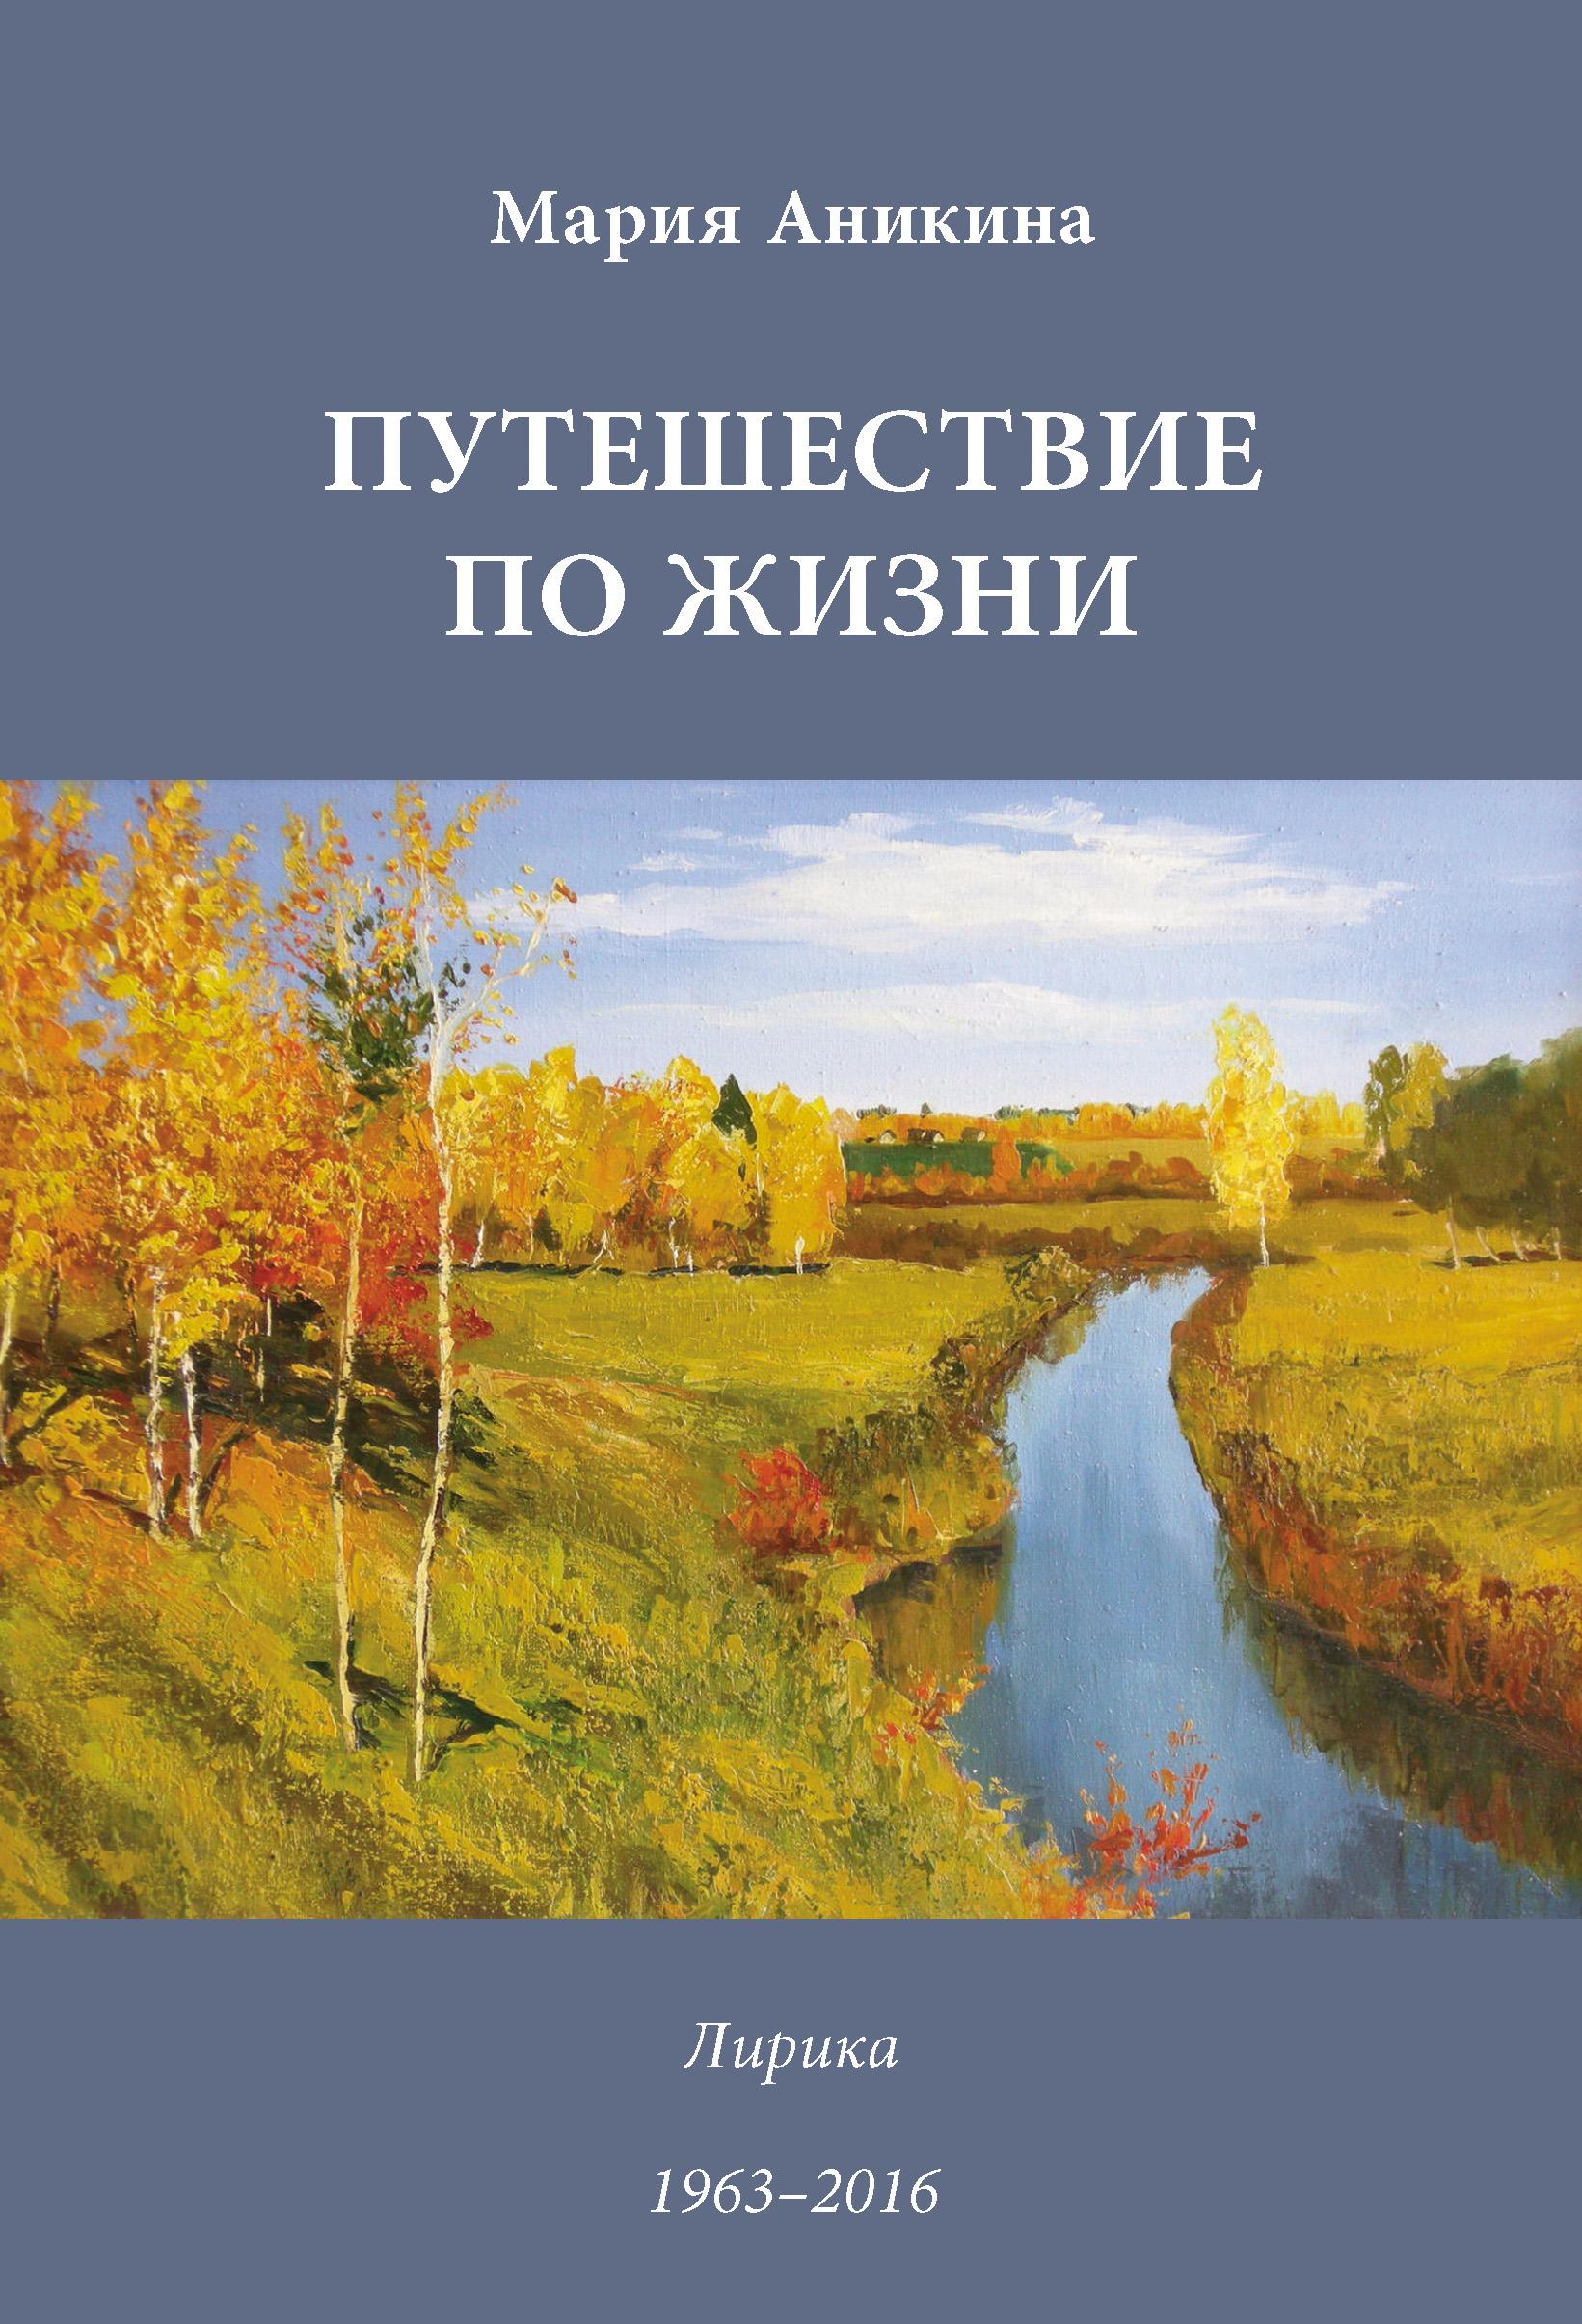 Марина Аникина Путешествие по жизни. Лирика. 1963–2016